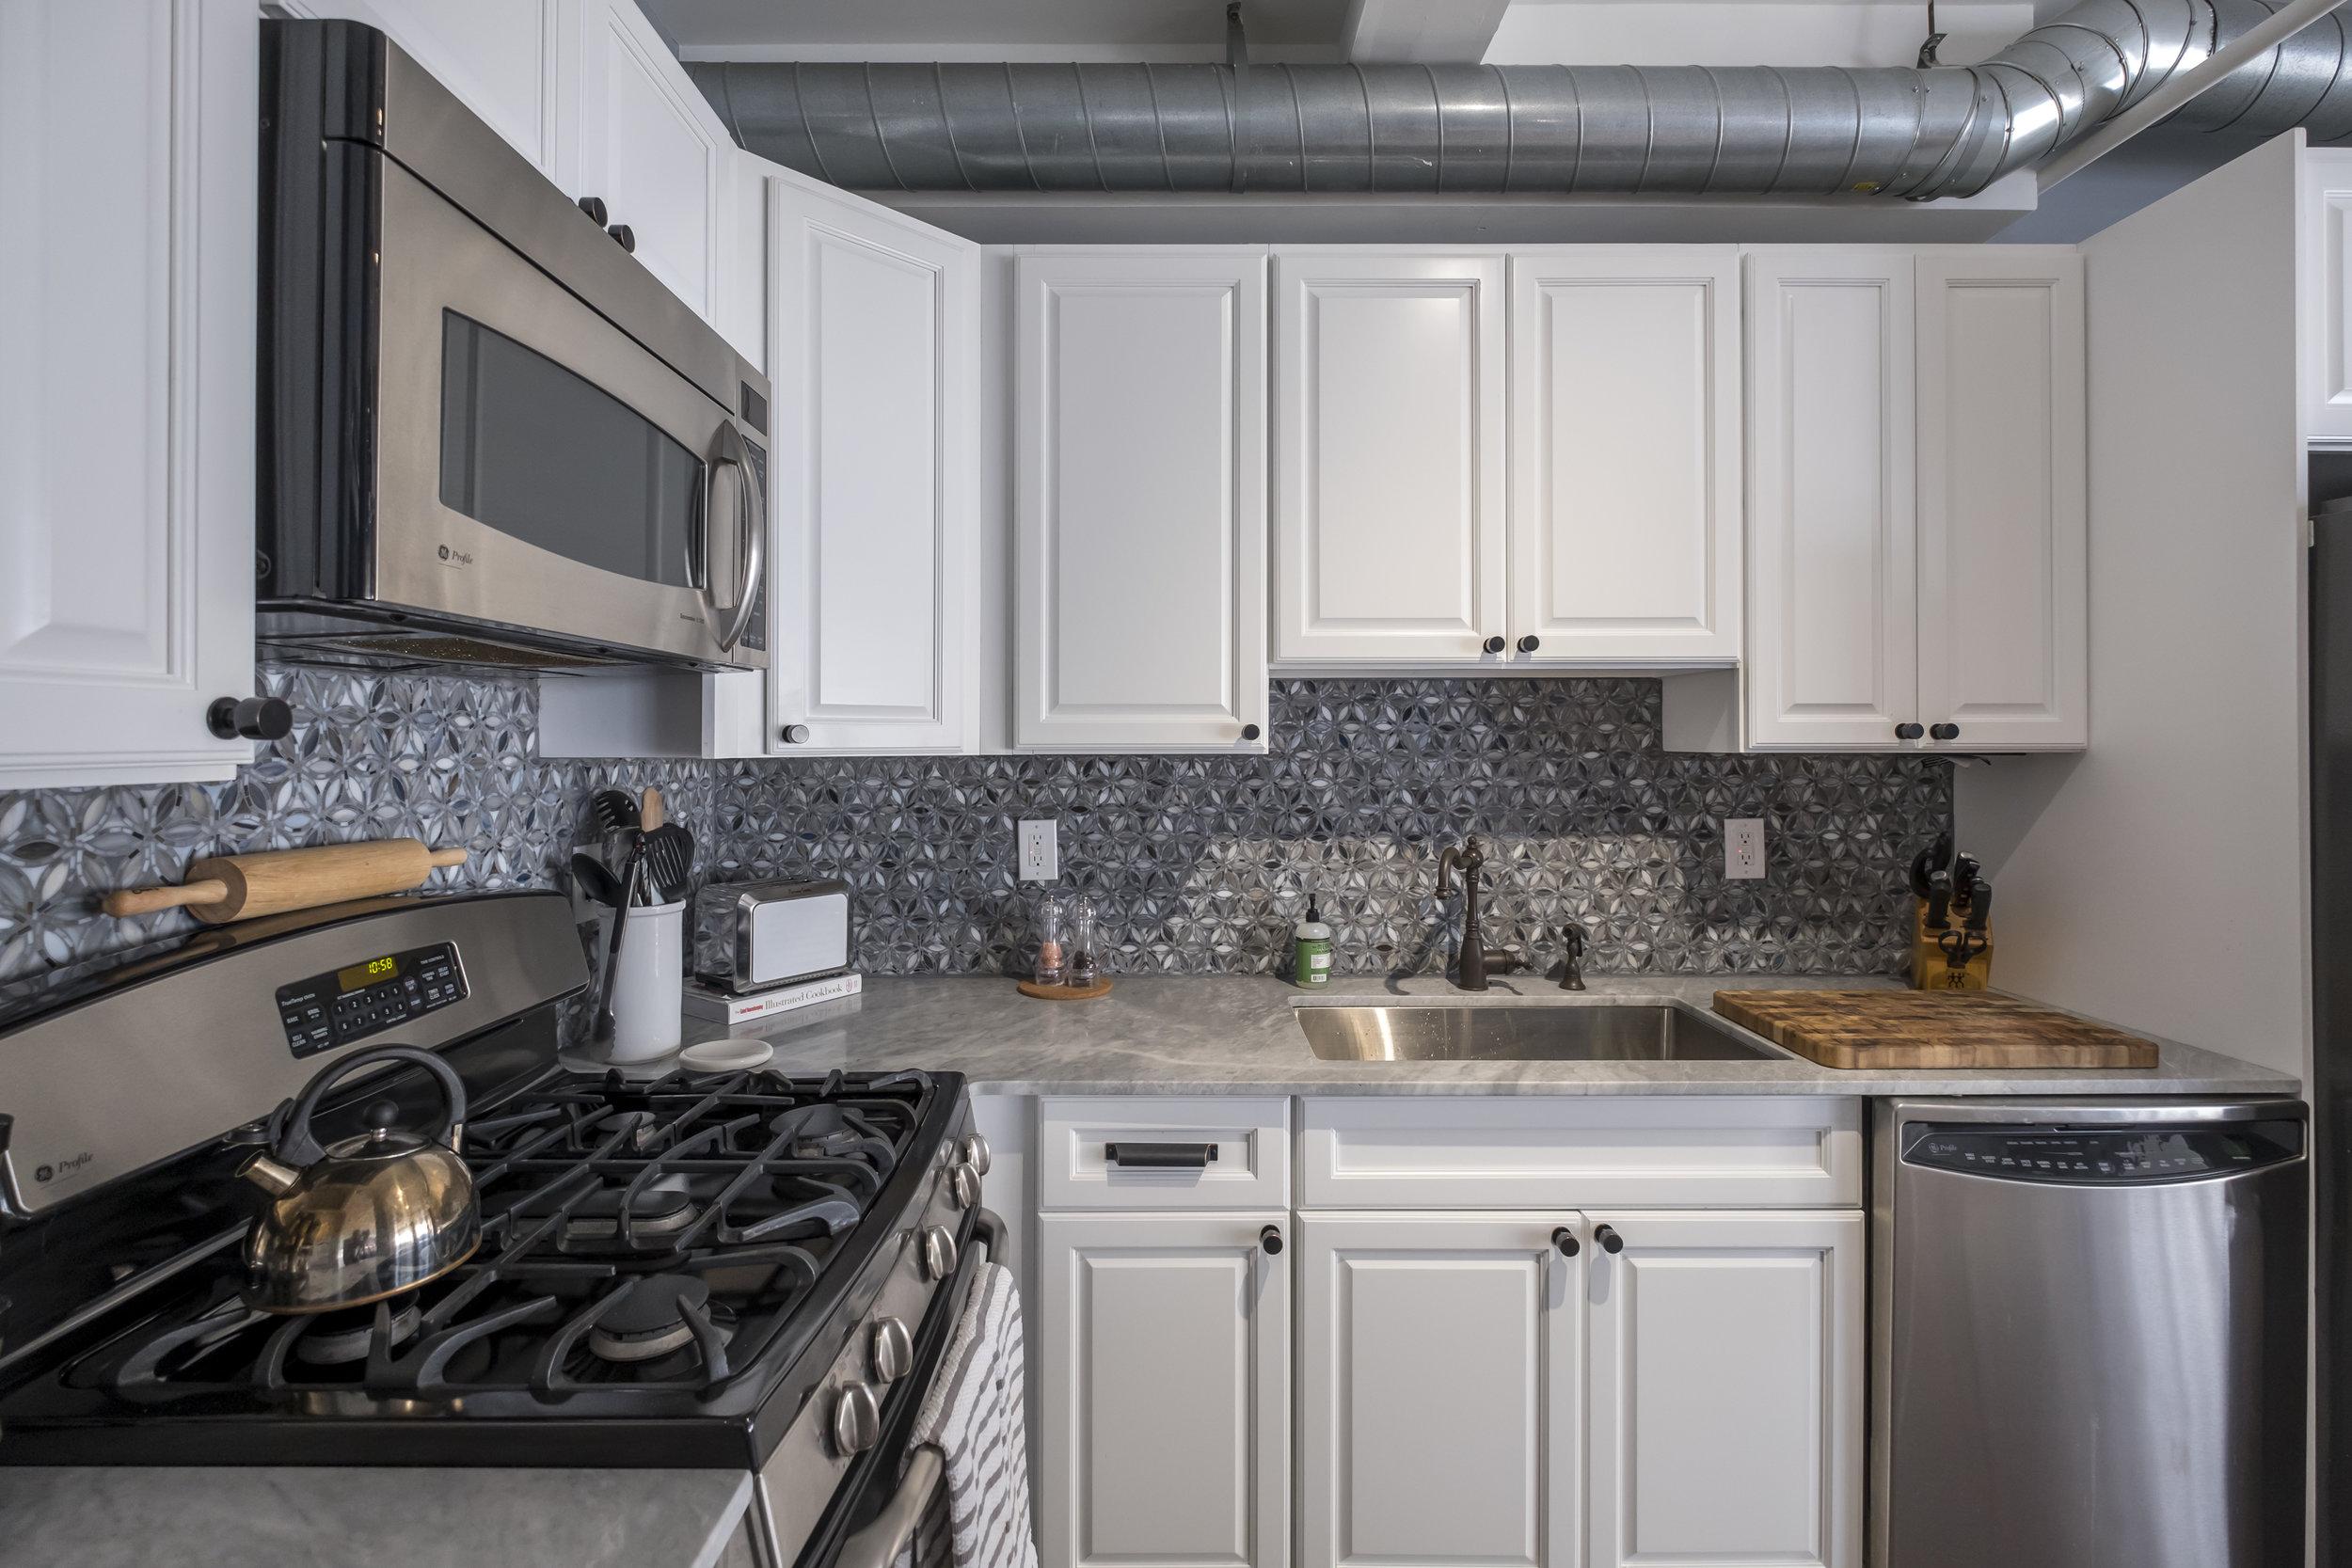 checket-kitchen-6.jpg